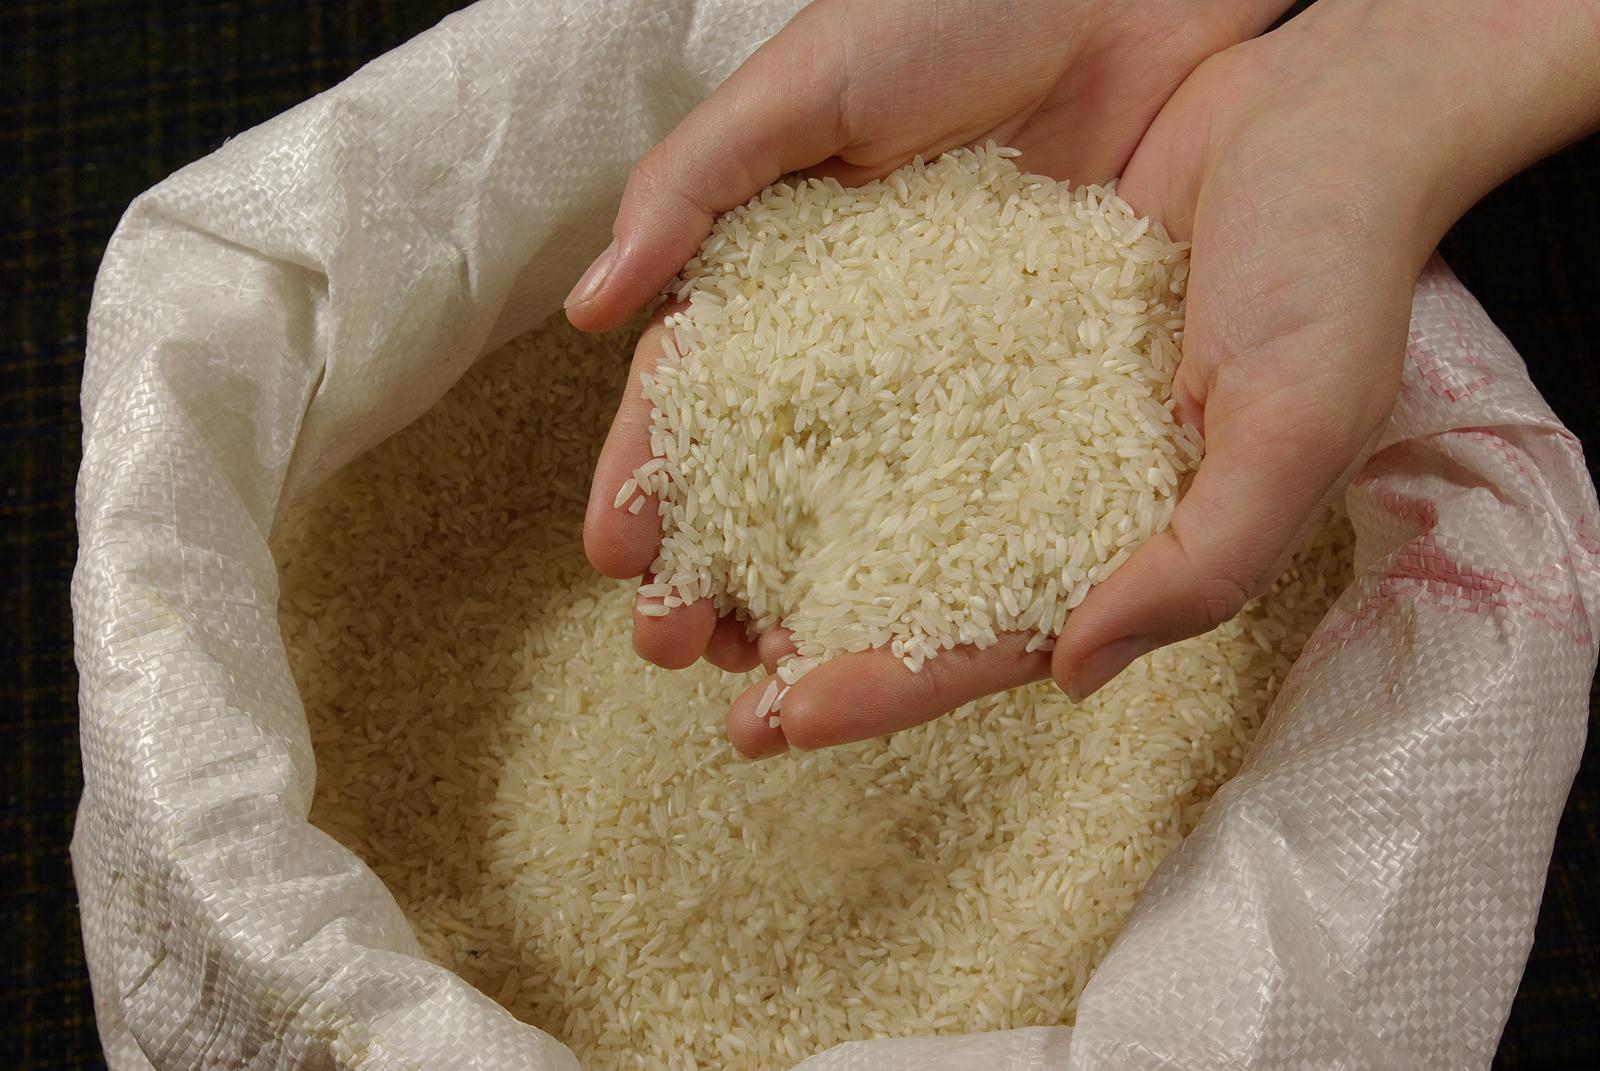 В Кызылординской области в 2018 году введены в эксплуатацию четыре рисоперерабатывающих завода